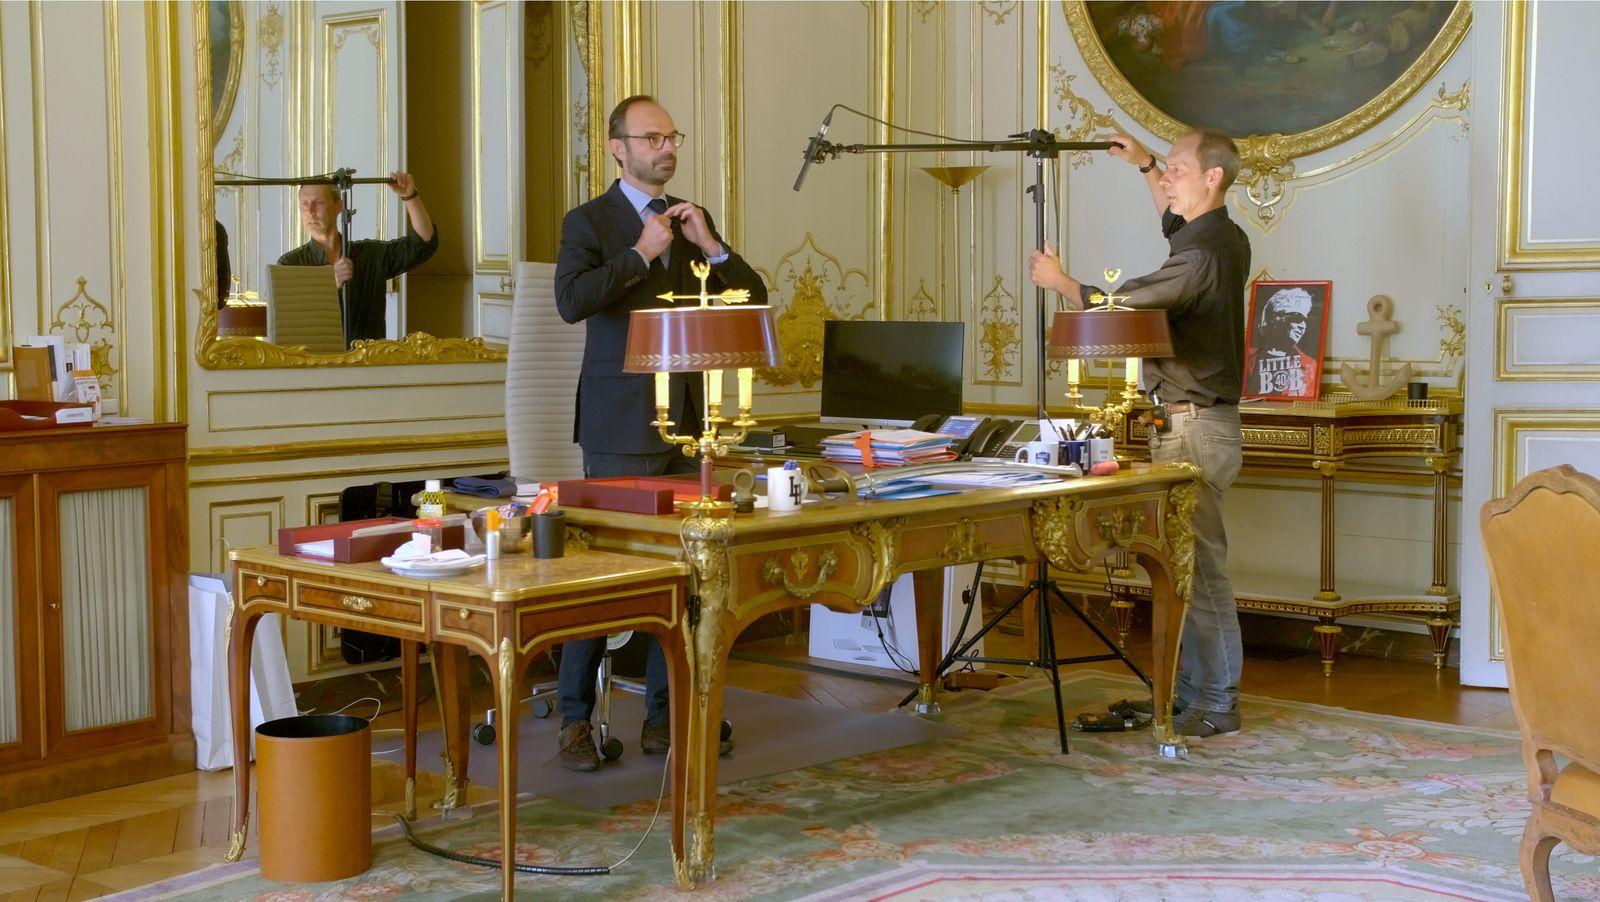 02_Noeud_pap_a_Matignon_-_Edouard,_mon_pote_de_droite_Episode_3_Aux_Manettes